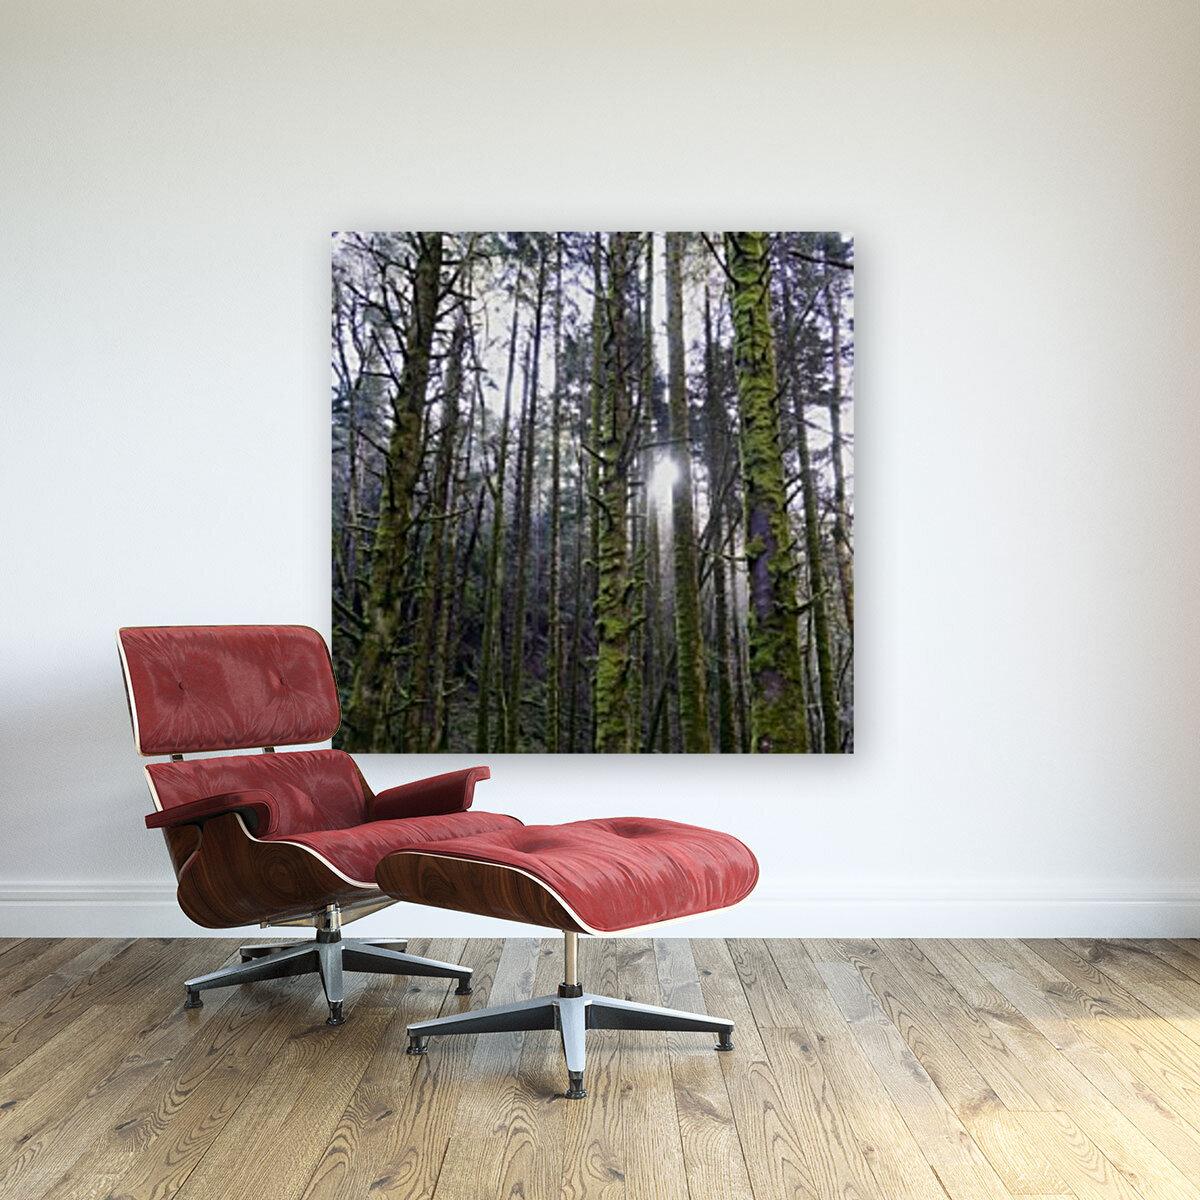 Trees of the Killarney National Park Co. kerry Ireland Europe 2018  Art